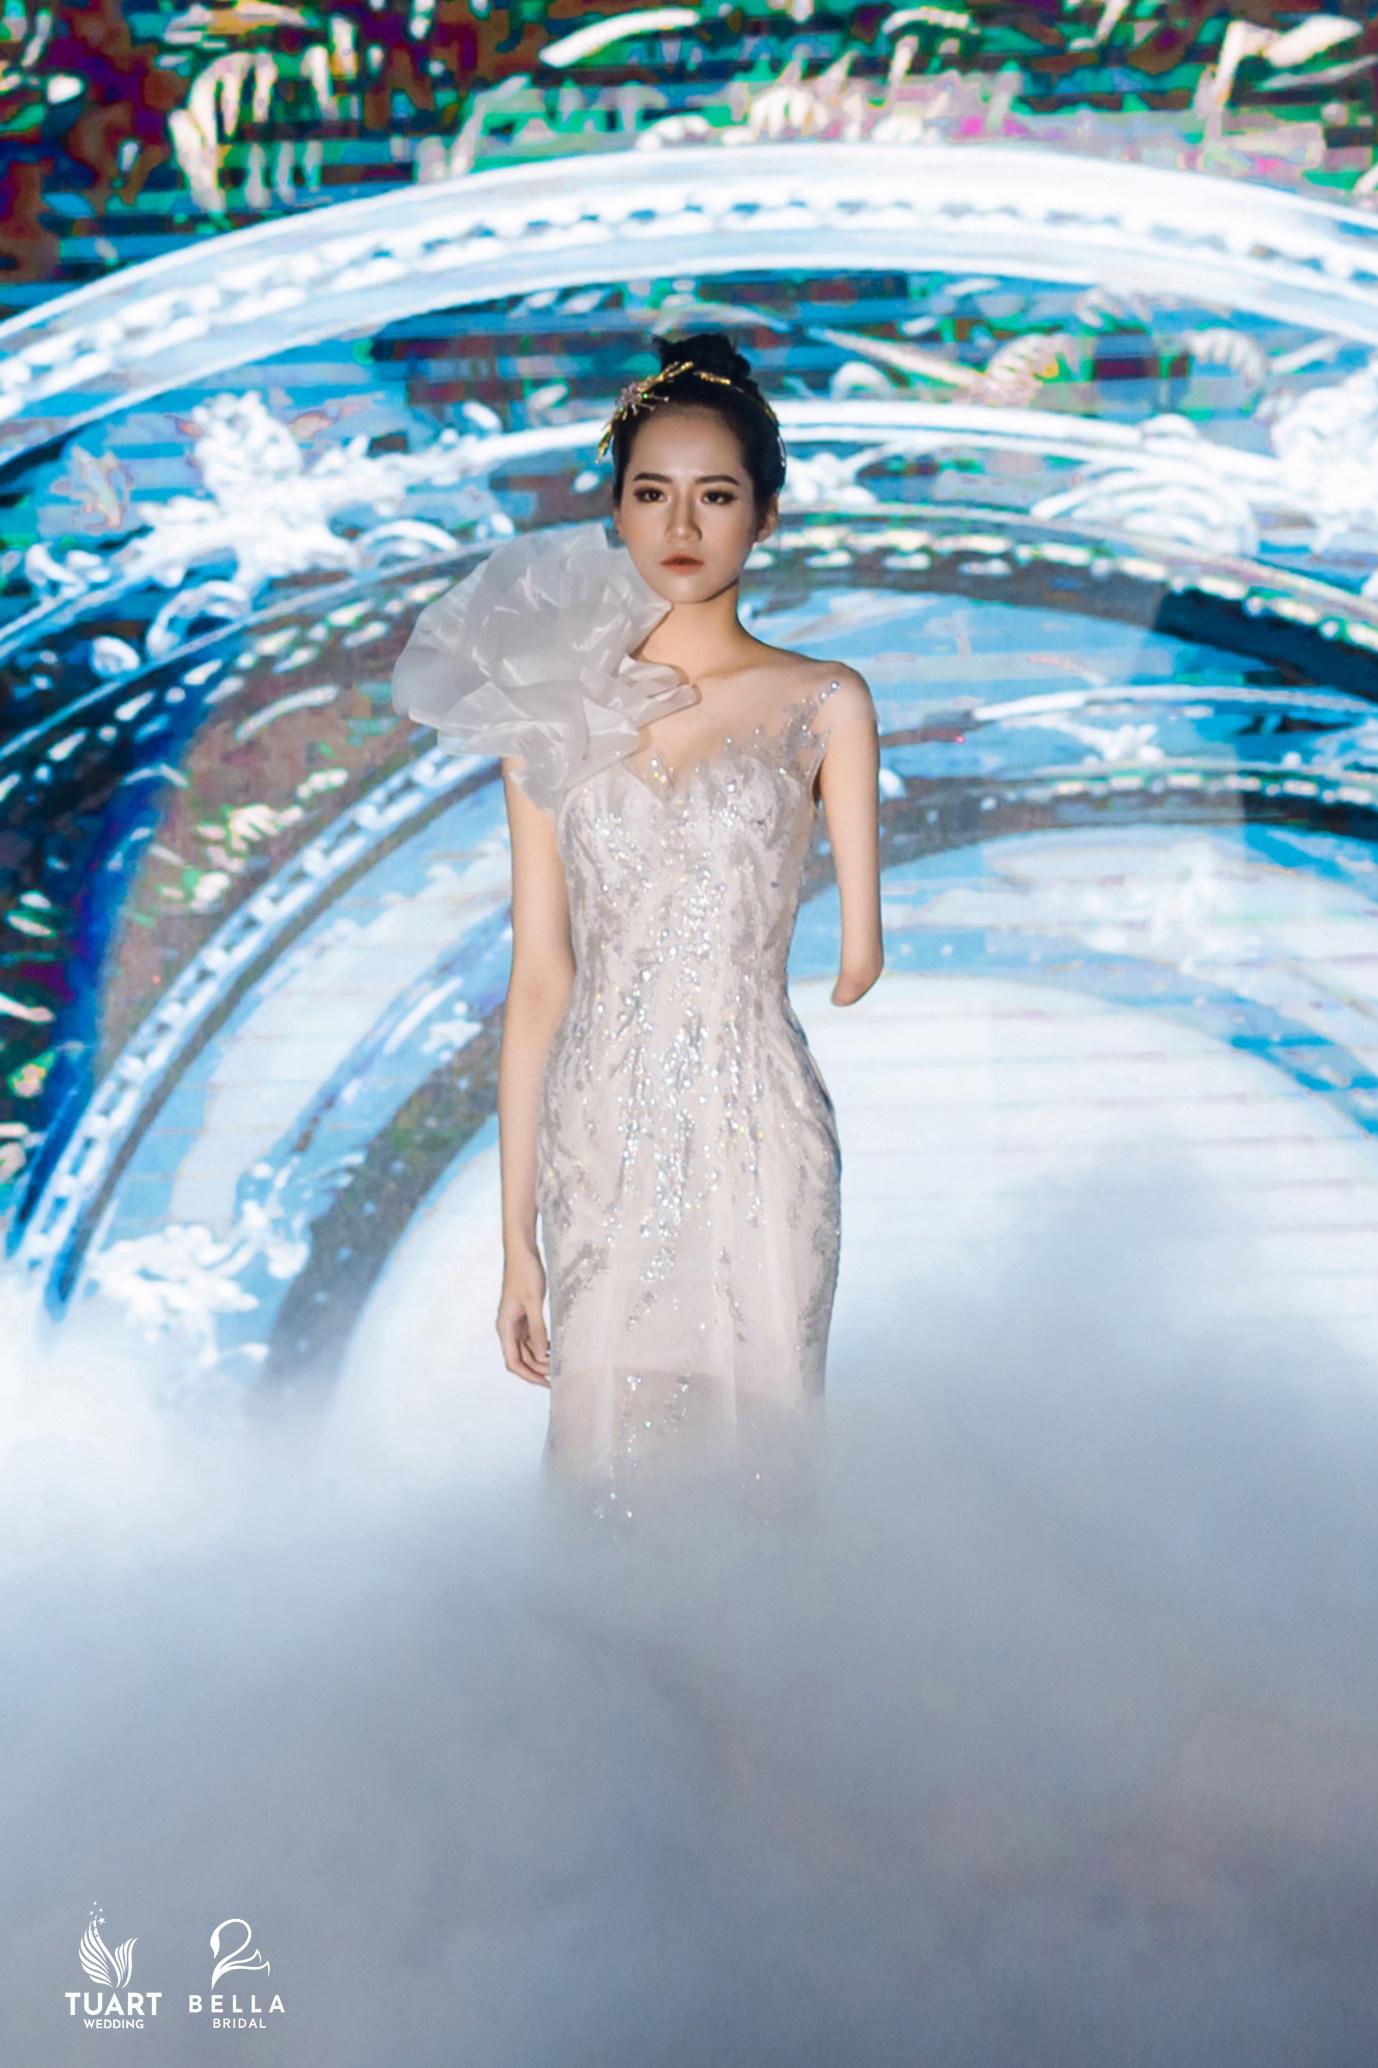 Á hậu Tường San, người mẫu một tay Hà Phương thu hút mọi ánh nhìn trong show diễn váy cưới đỉnh cao Bella Fashion Show - Ảnh 2.